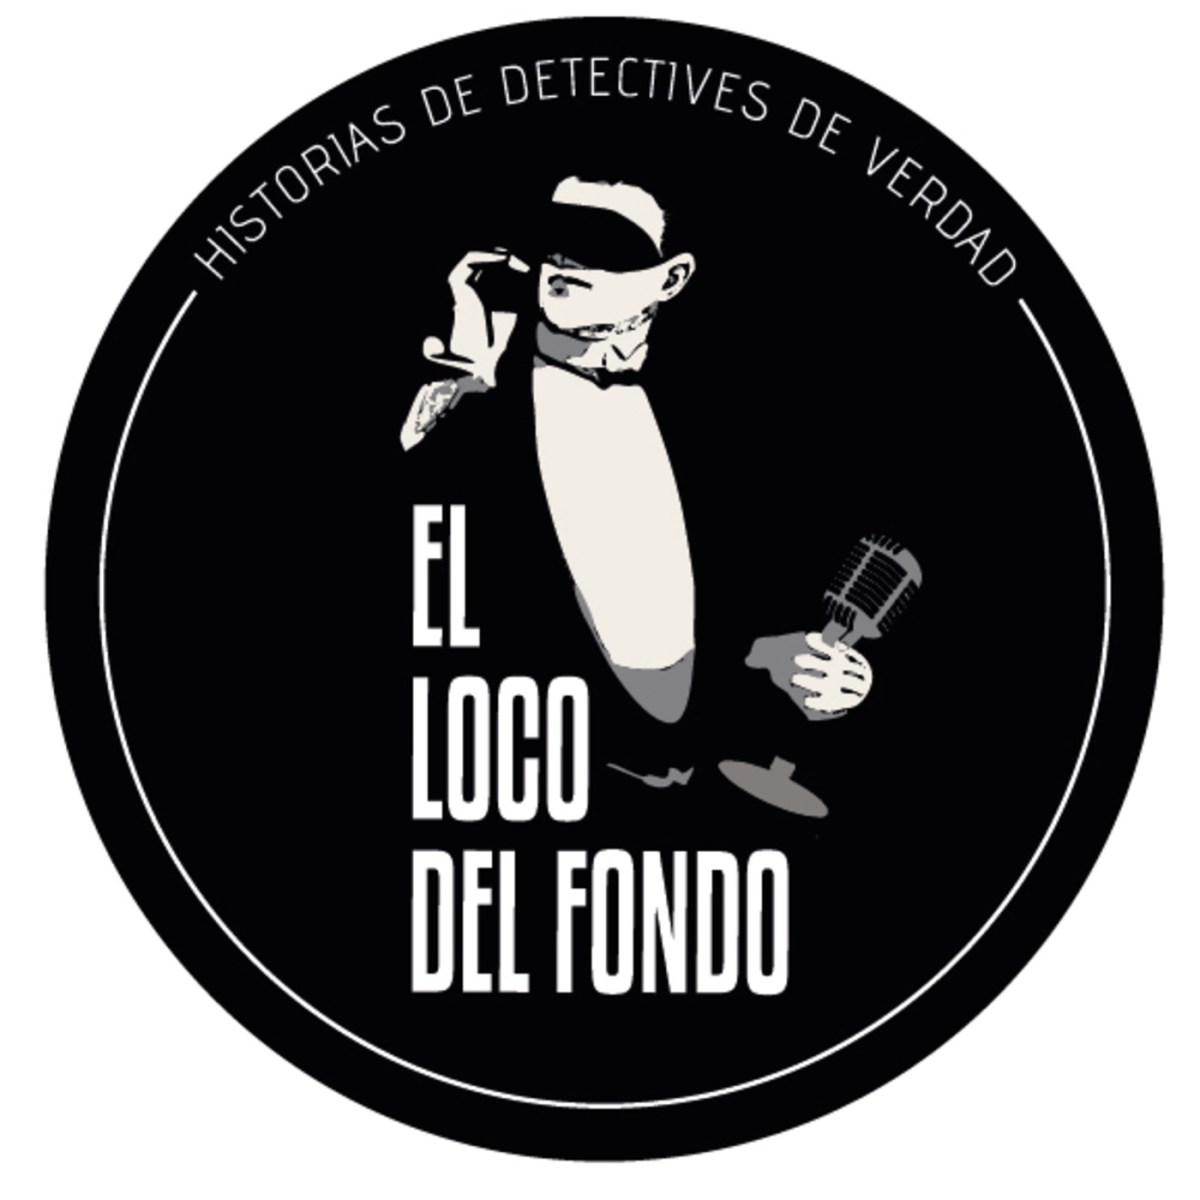 El Loco del Fondo. Historias de detectives